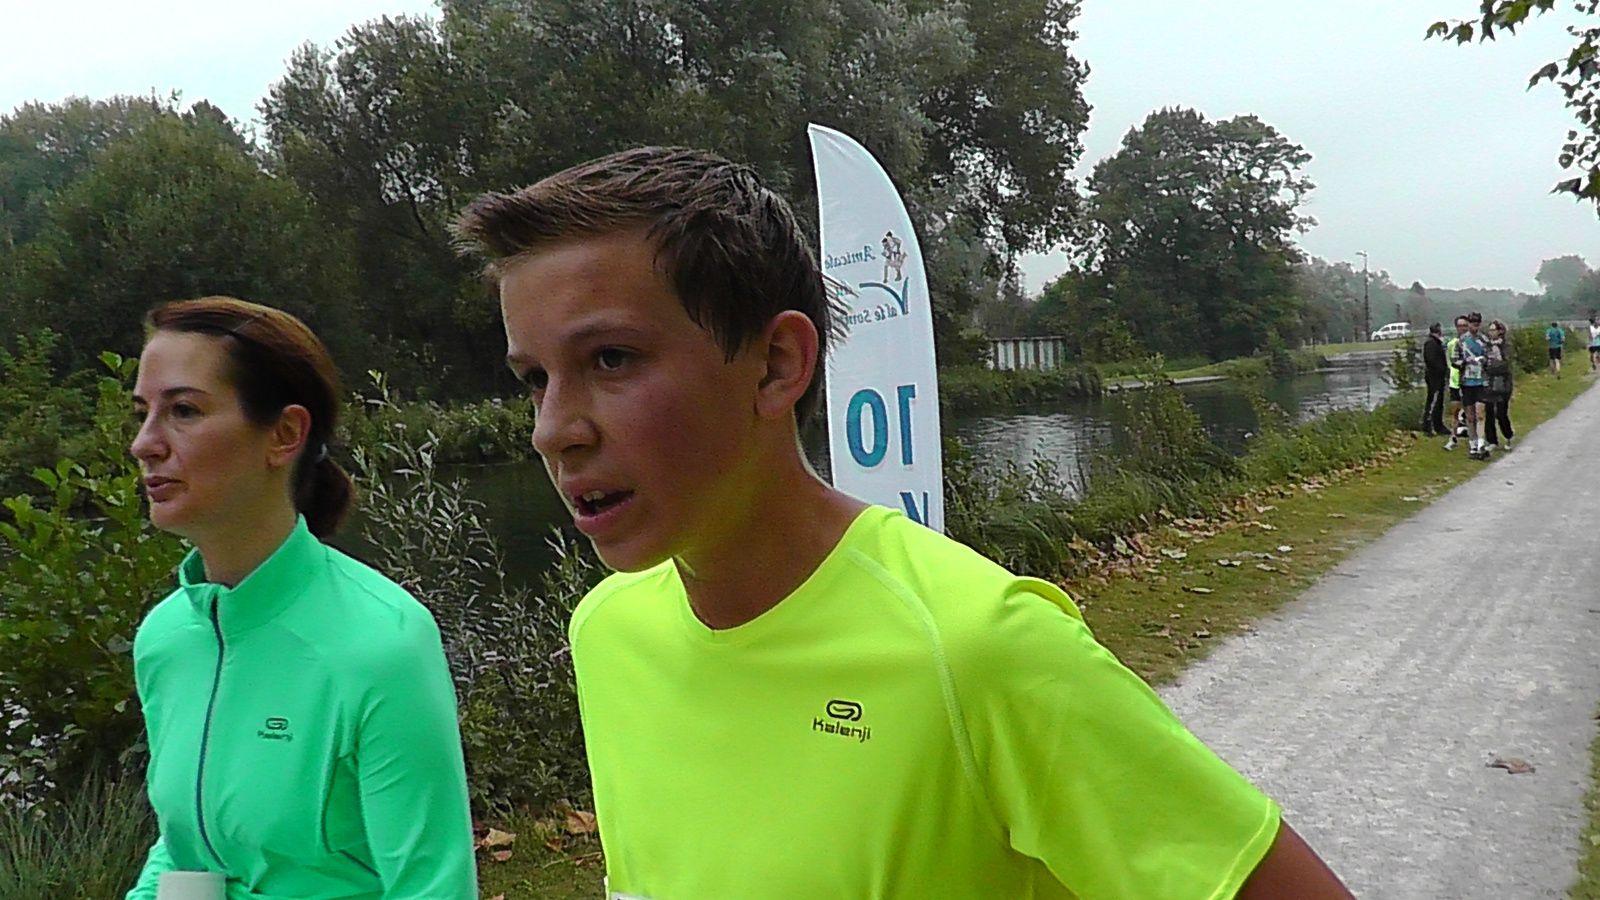 2014/09/14 Courses des 4 saisons été à Amiens